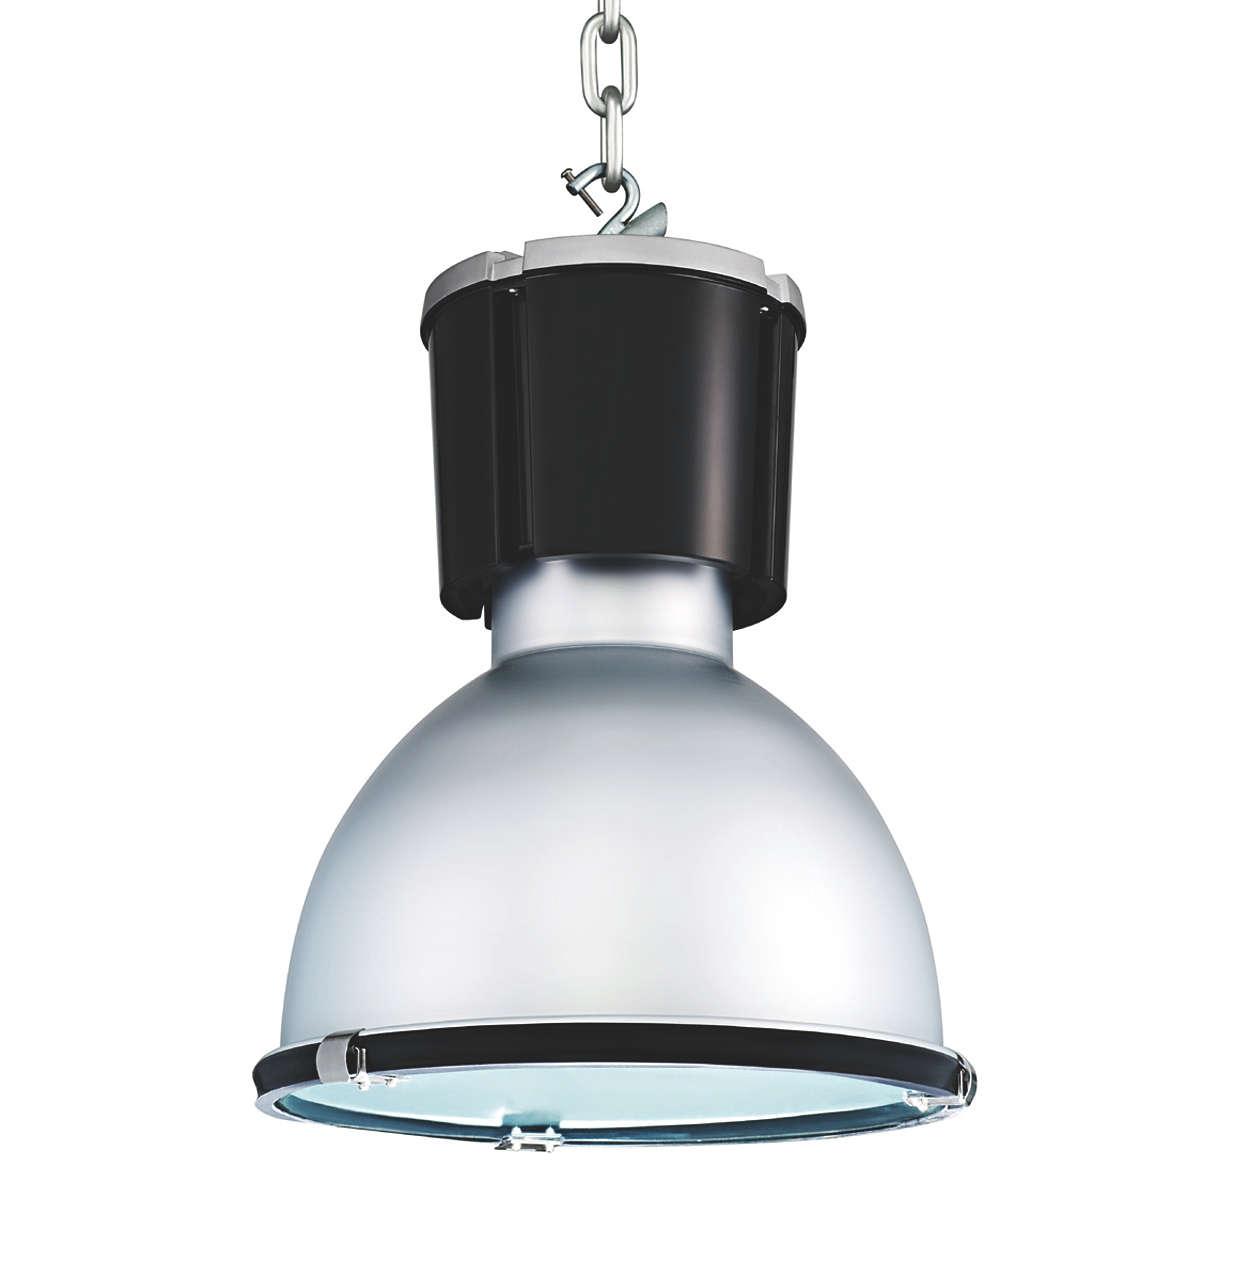 endurabay hpk138 238 high bay philips lighting. Black Bedroom Furniture Sets. Home Design Ideas